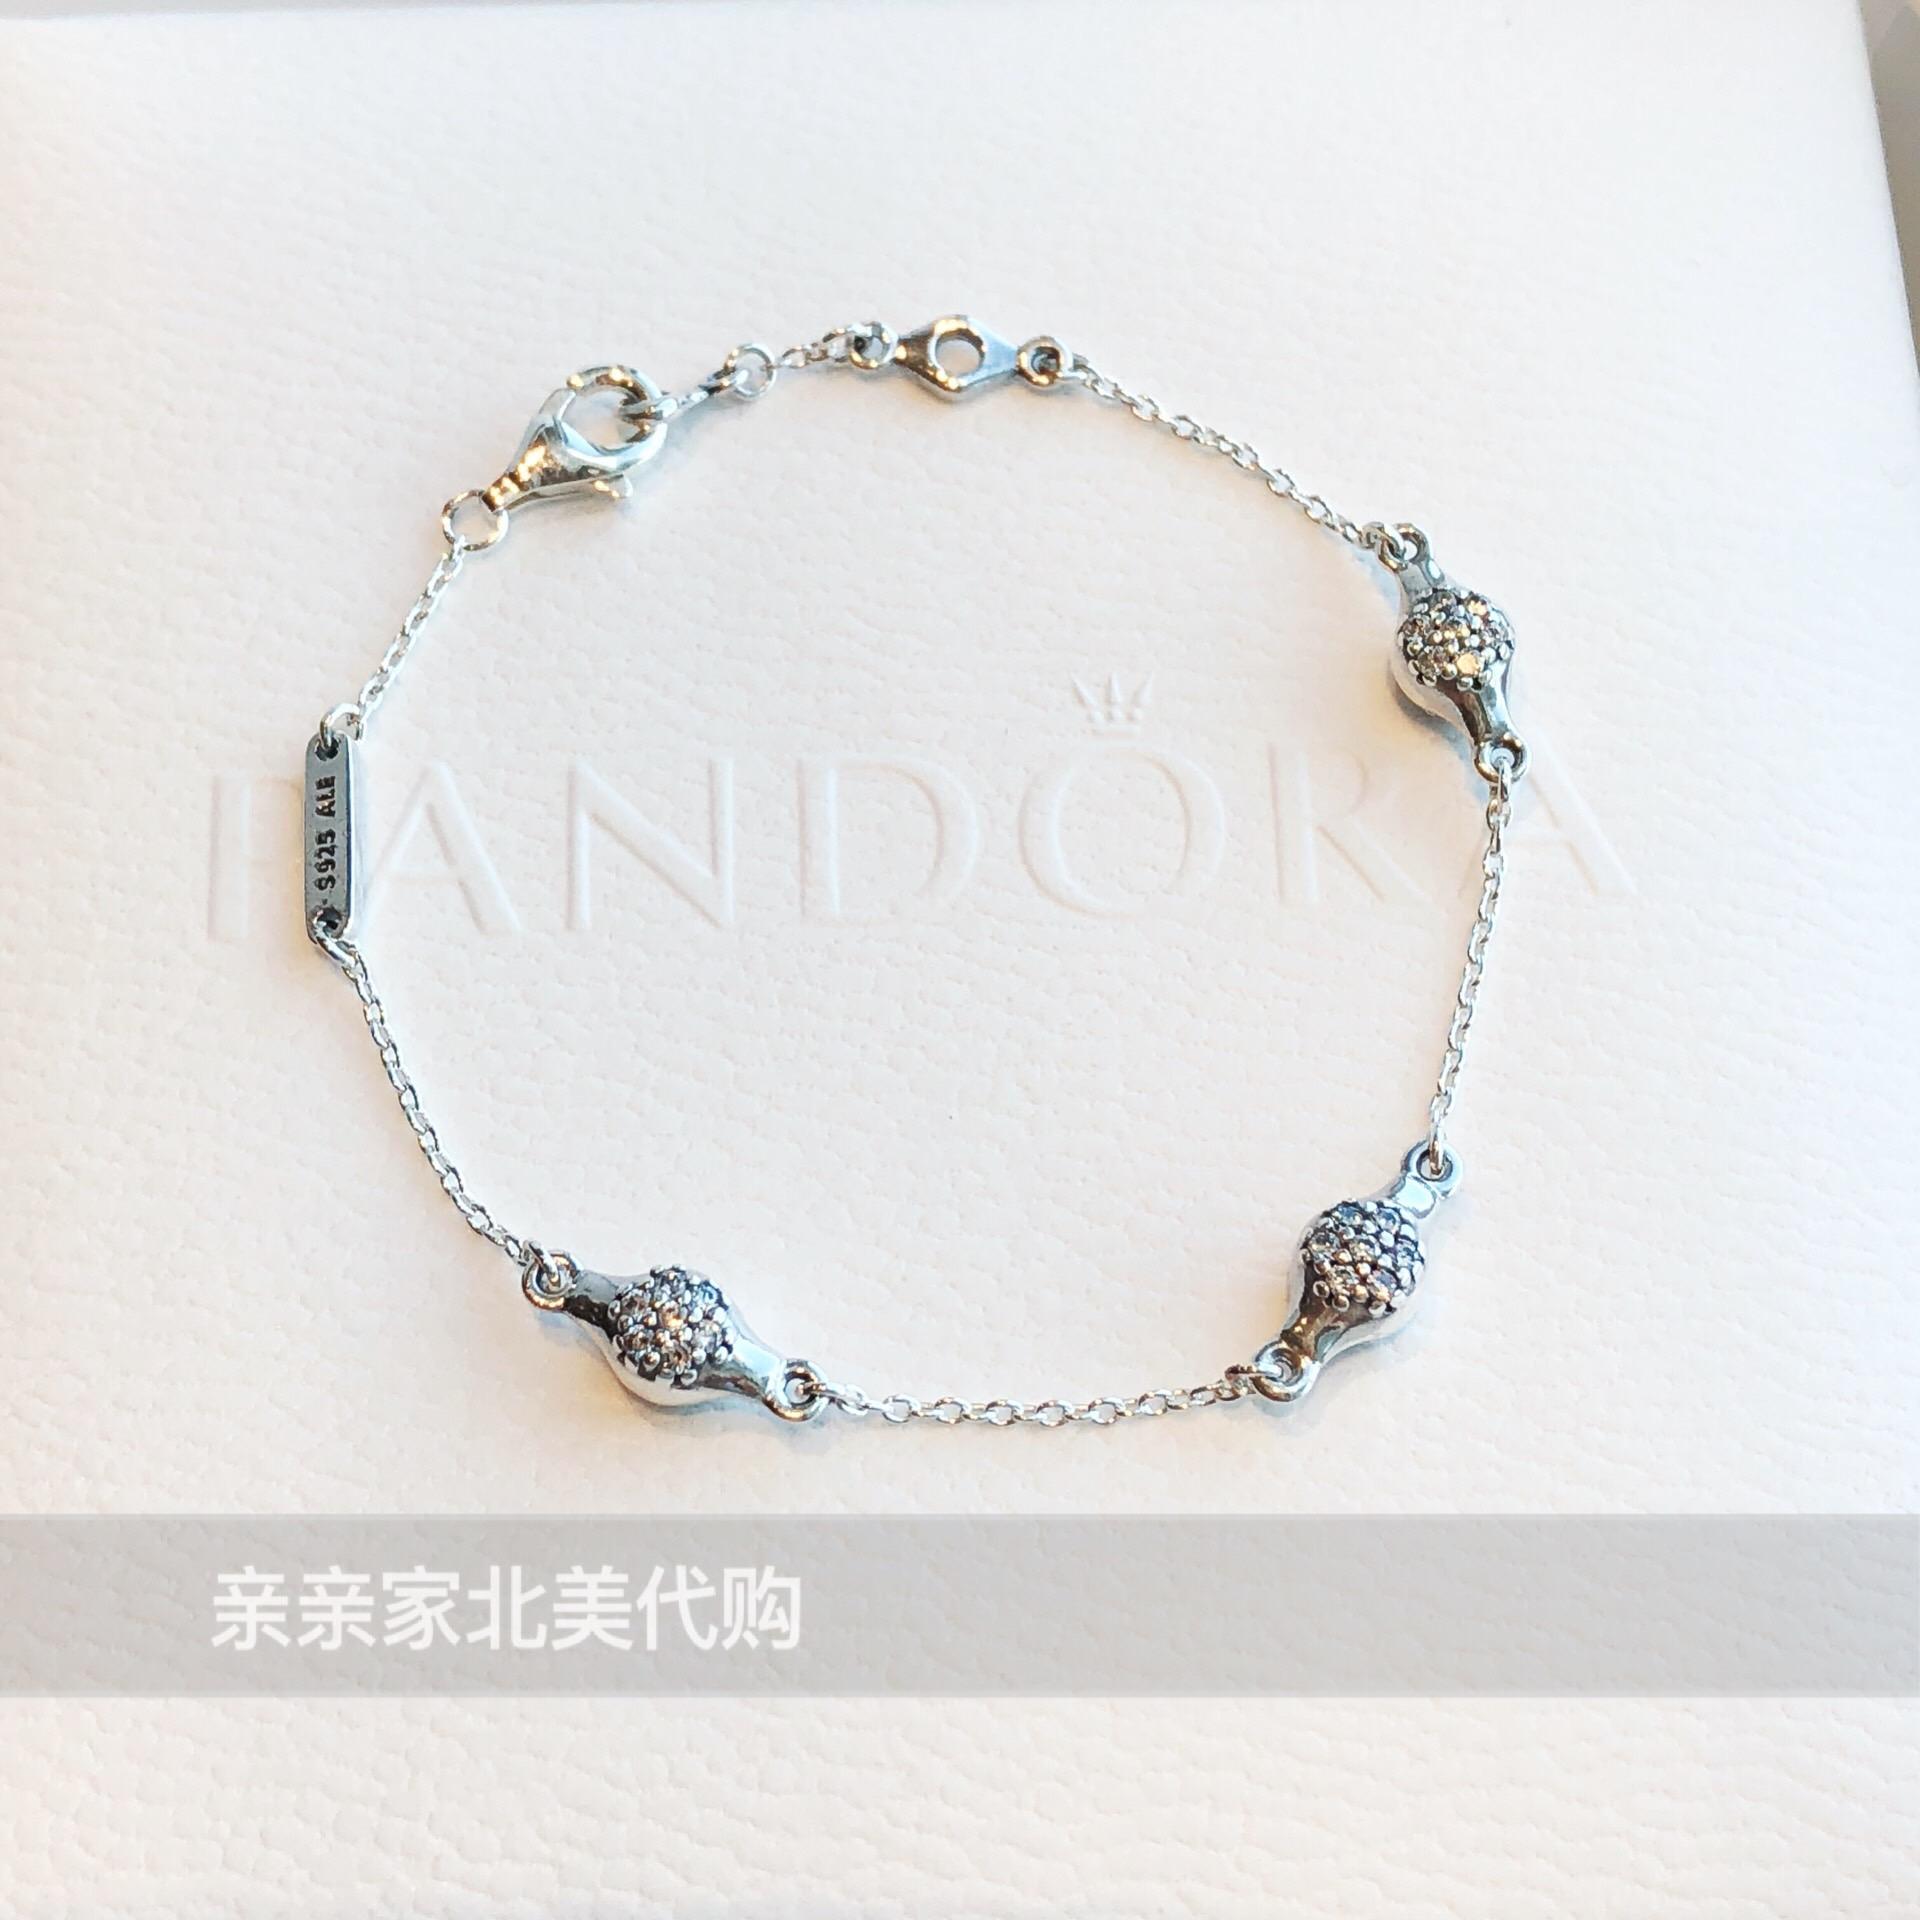 加拿大代购Pandora潘多拉爱的豆荚925银清新时尚手链597354CZ